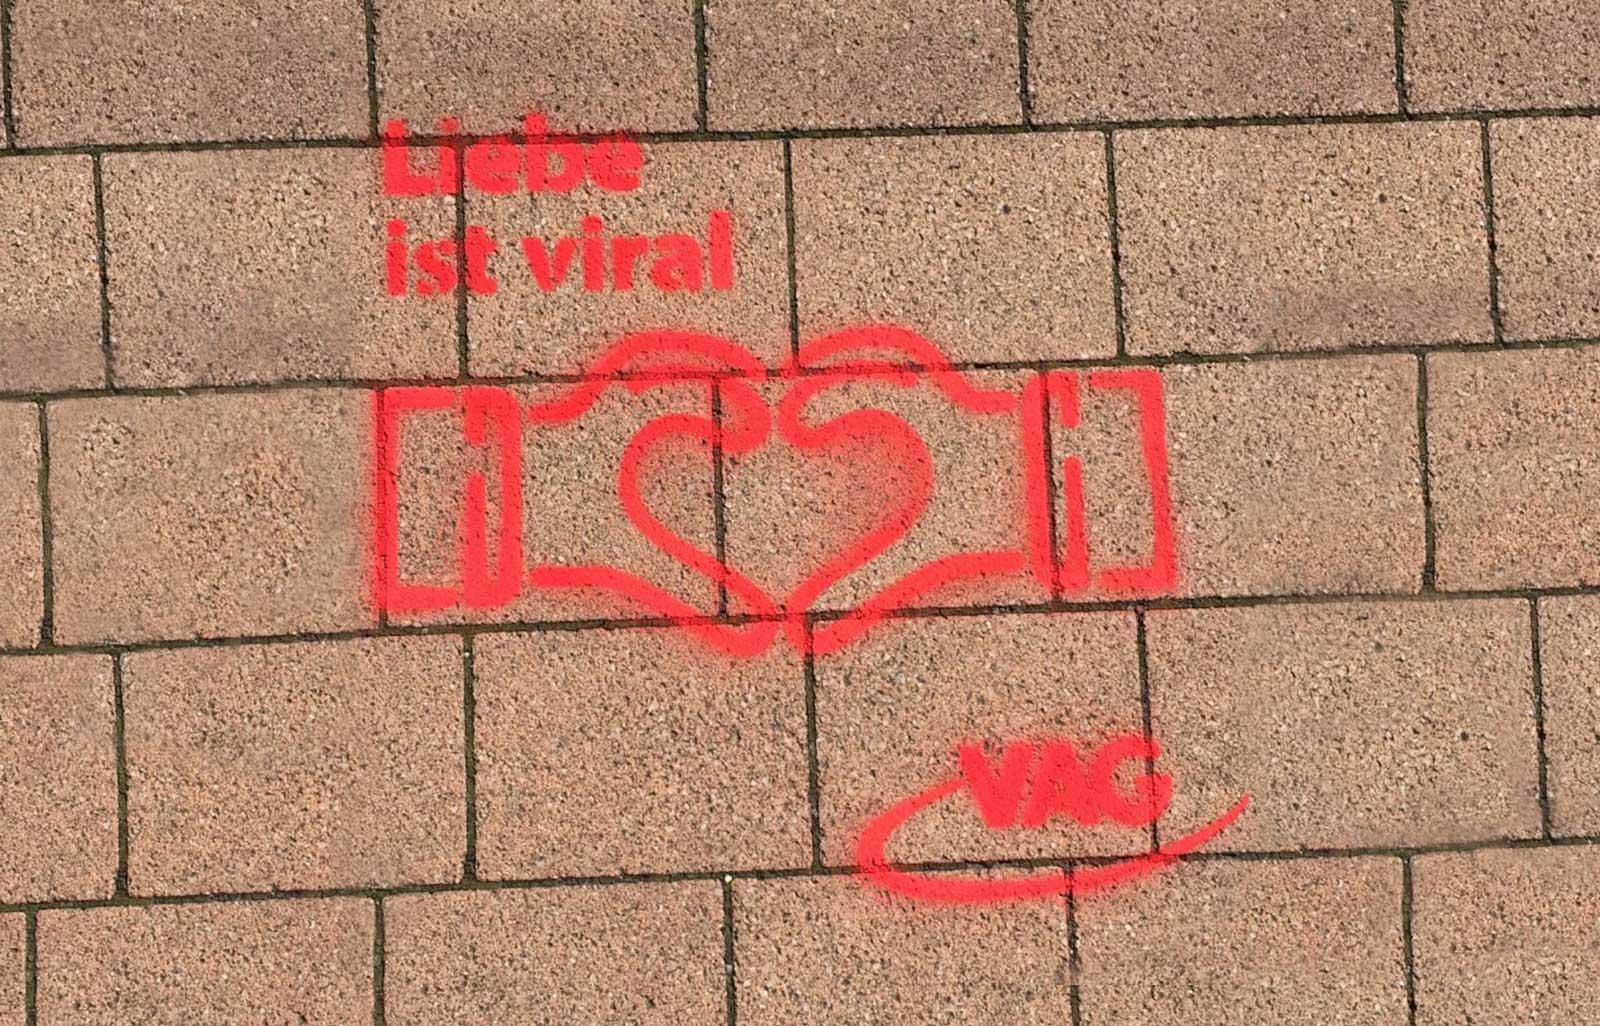 Guerilla Aktion an Haltestellen in Freiburg: Liebe ist viral, Herz-Icon, VAG Freiburg